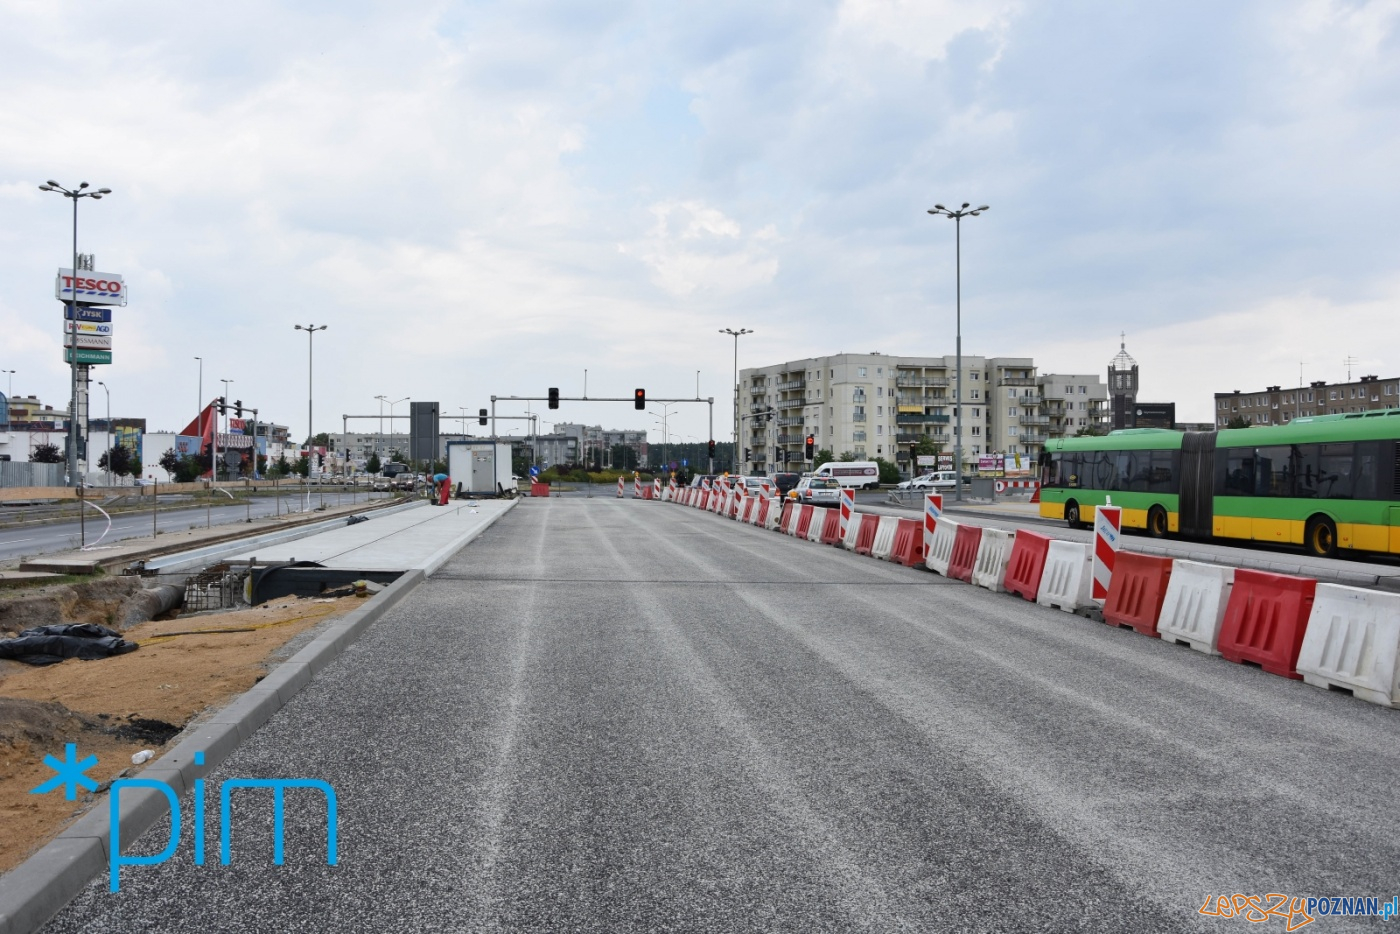 Remont wiaduktu nad PST Szymanowskiego wkracza w kolejną fazę  Foto: materiały prasowe / PIM